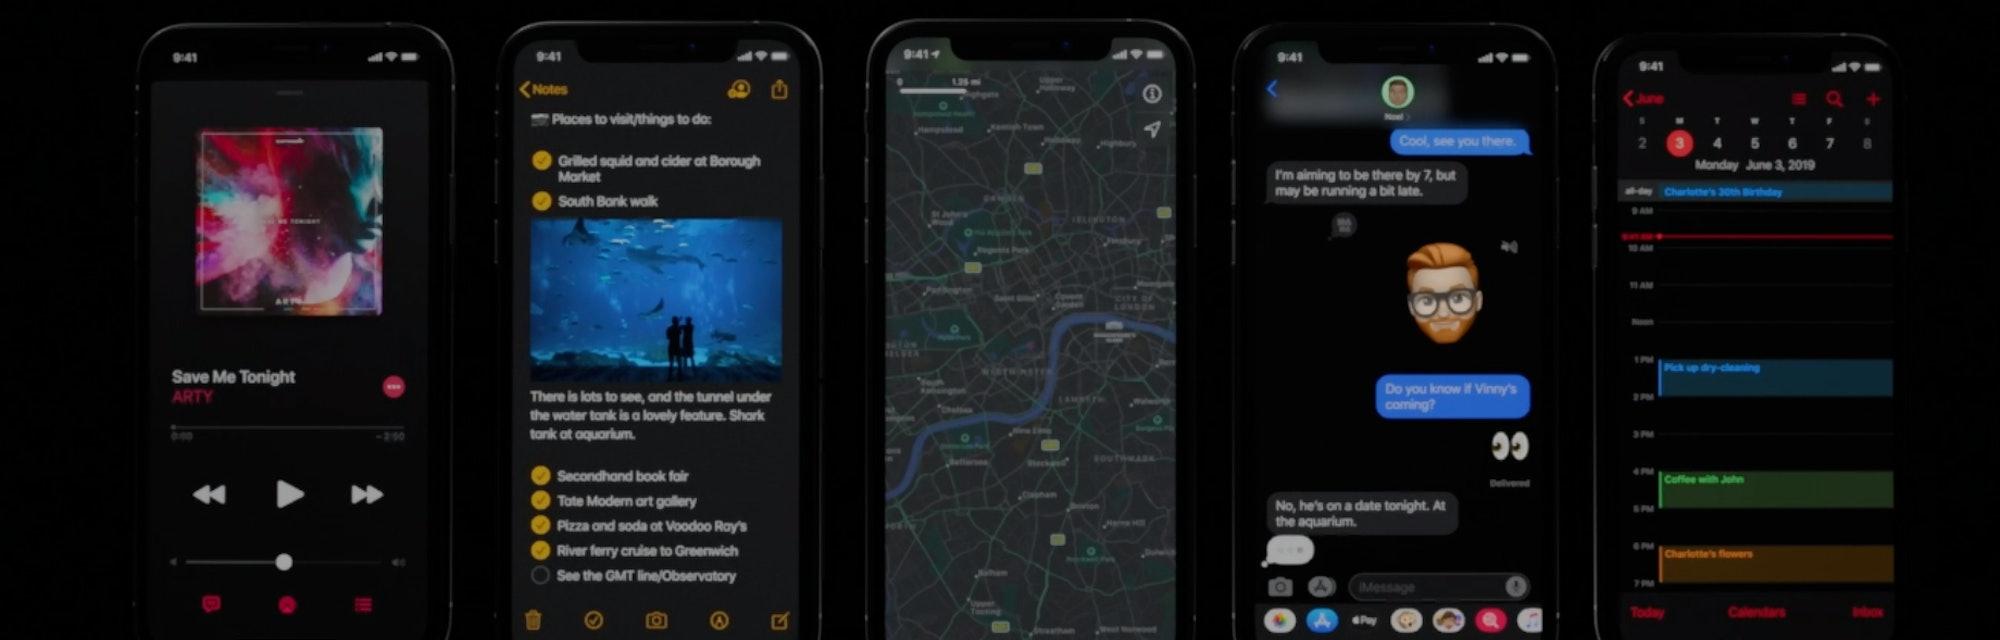 iphone apps in dark mode